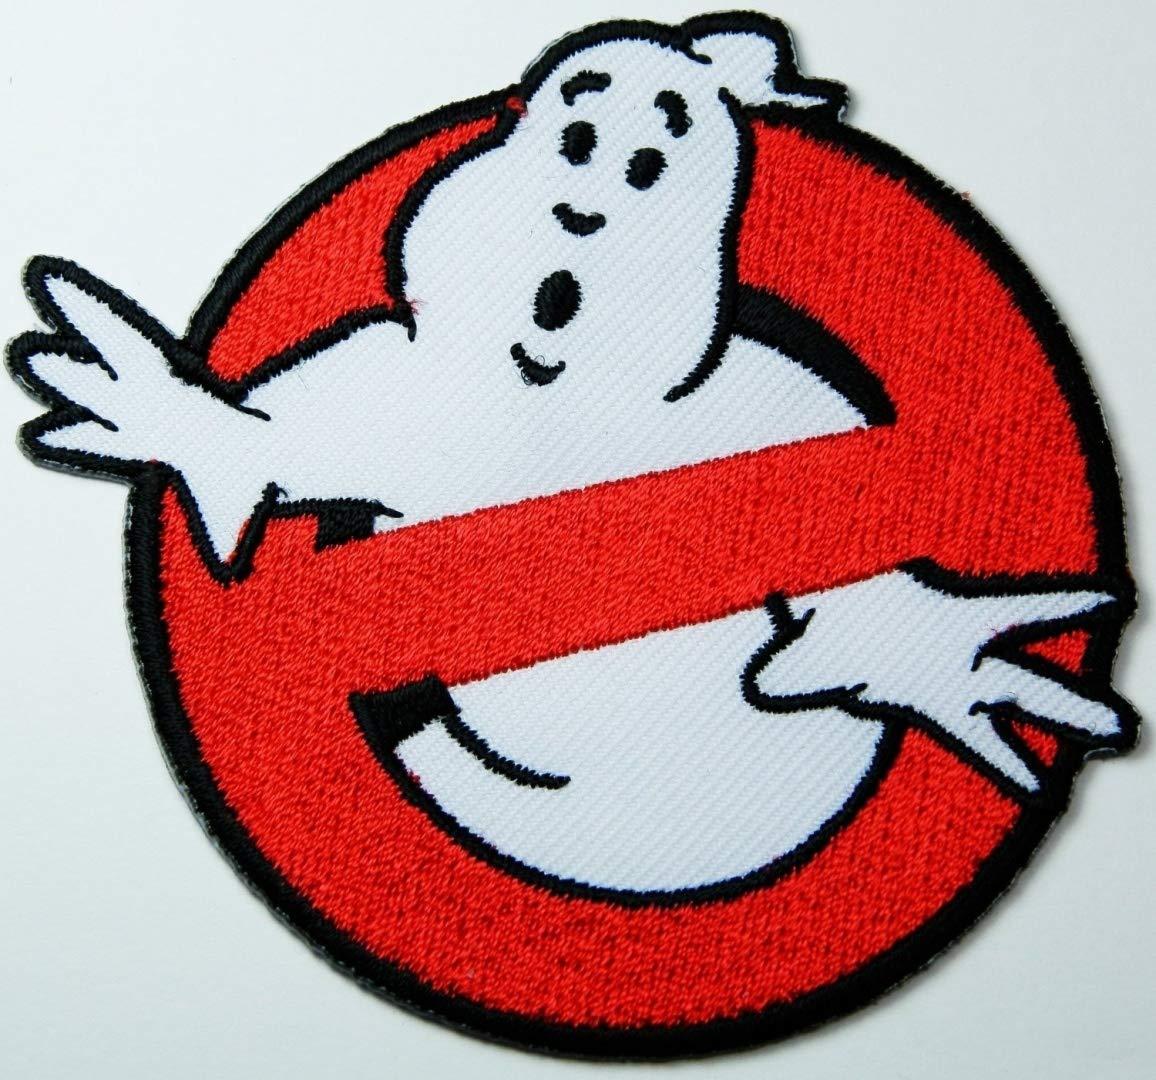 Ghost Busters logotipo de parches de hierro en remiendo style01